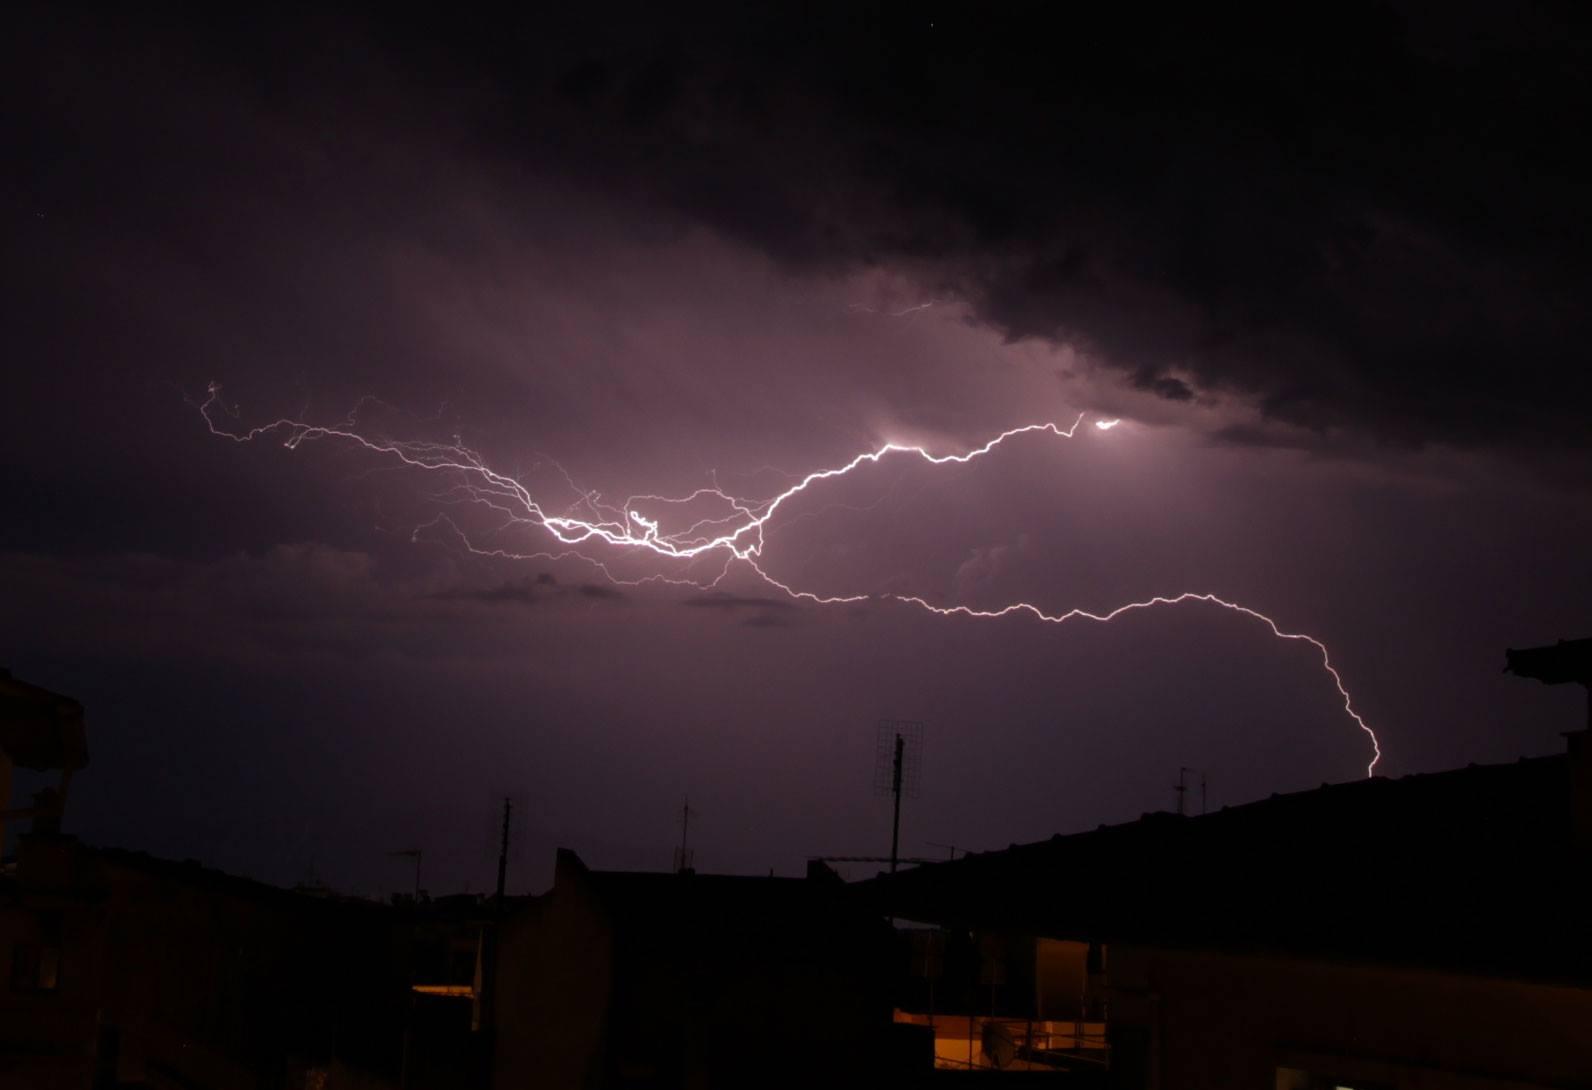 Εθνική Μετεωρολογική Υπηρεσία (ΕΜΥ): Eπιδείνωση θα παρουσιάσει ο καιρός από αύριο Σάββατο 04-04-2020 με ισχυρές βροχές και καταιγίδες